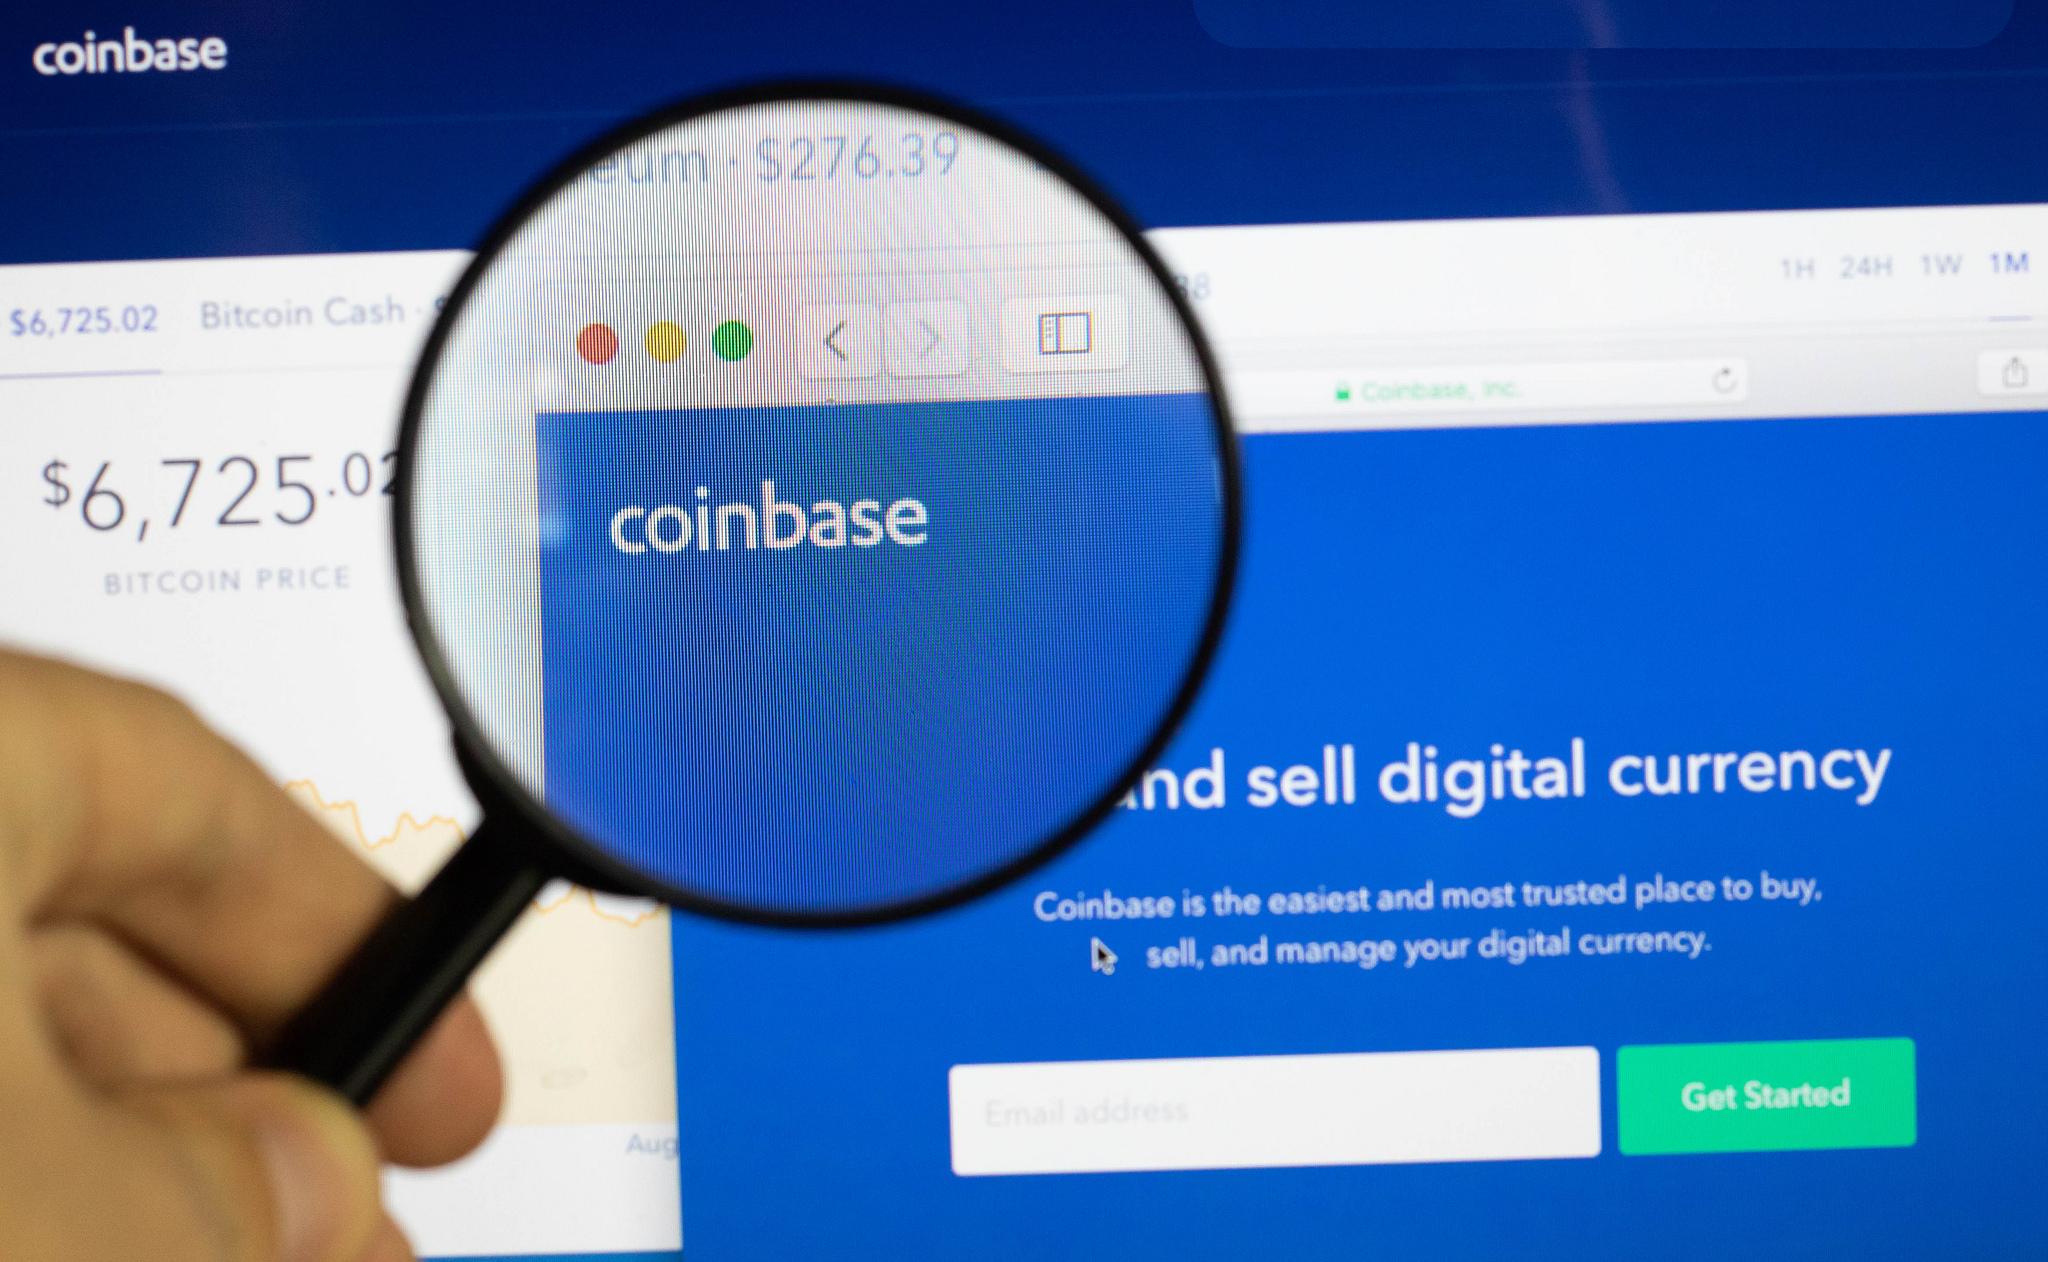 Coinbase Lanza Convertidor Directo De Criptografía Para Usuarios En Estados Unidos Criptotendencias Noticias Criptomonedas Bitcoin Y Blockchain